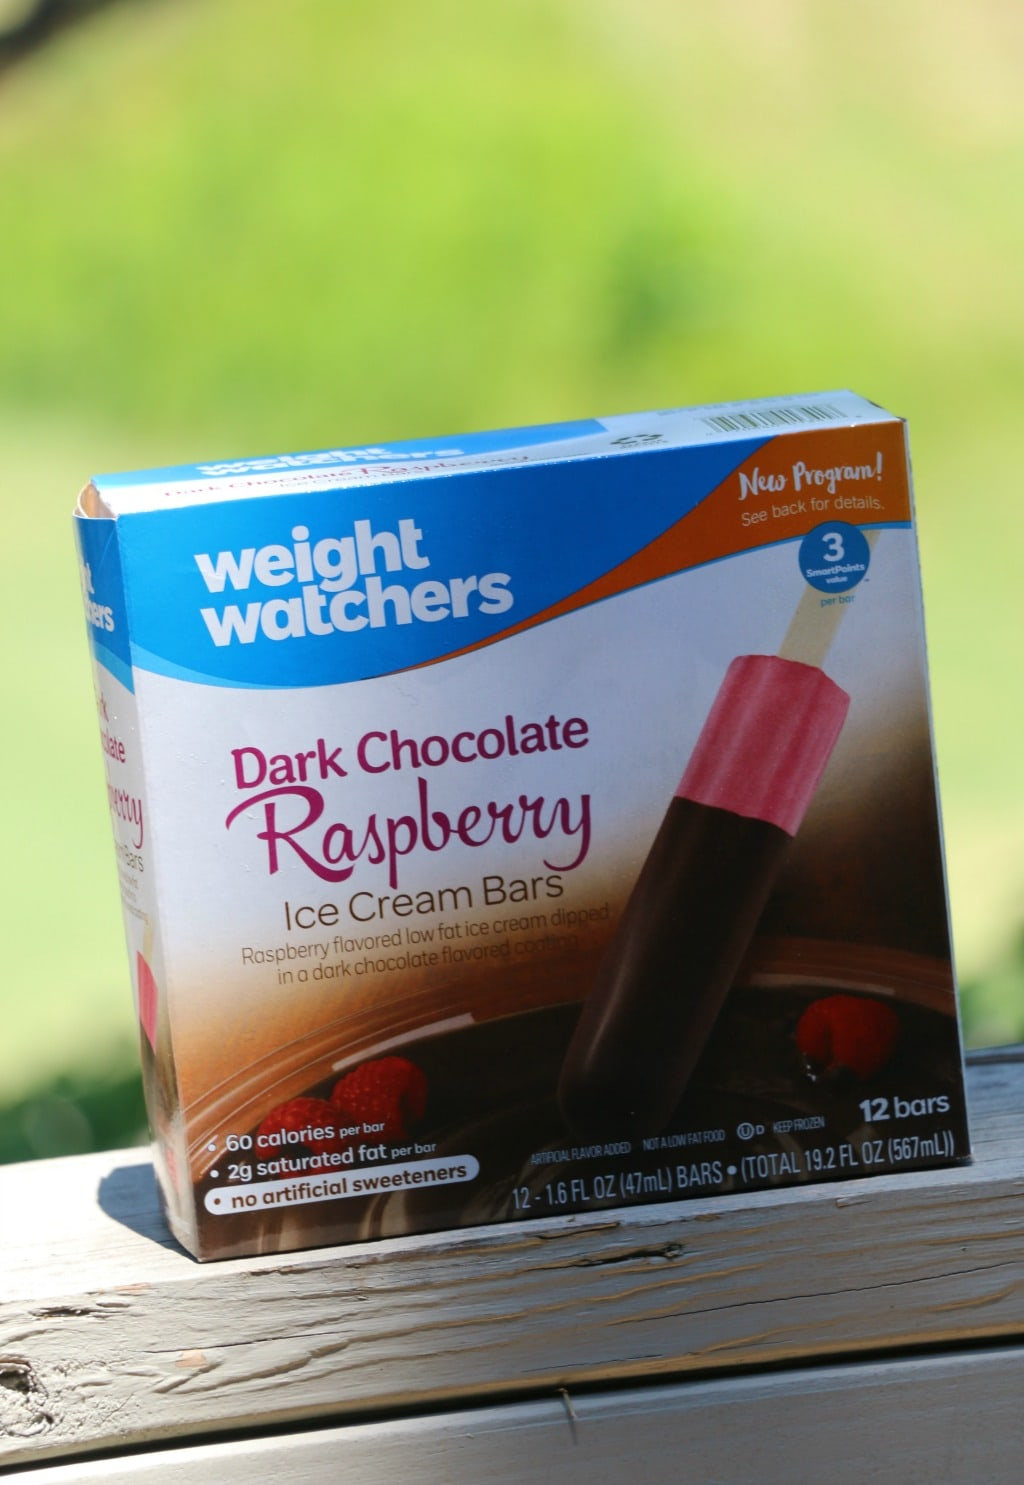 dark chocolate rasbperry bars